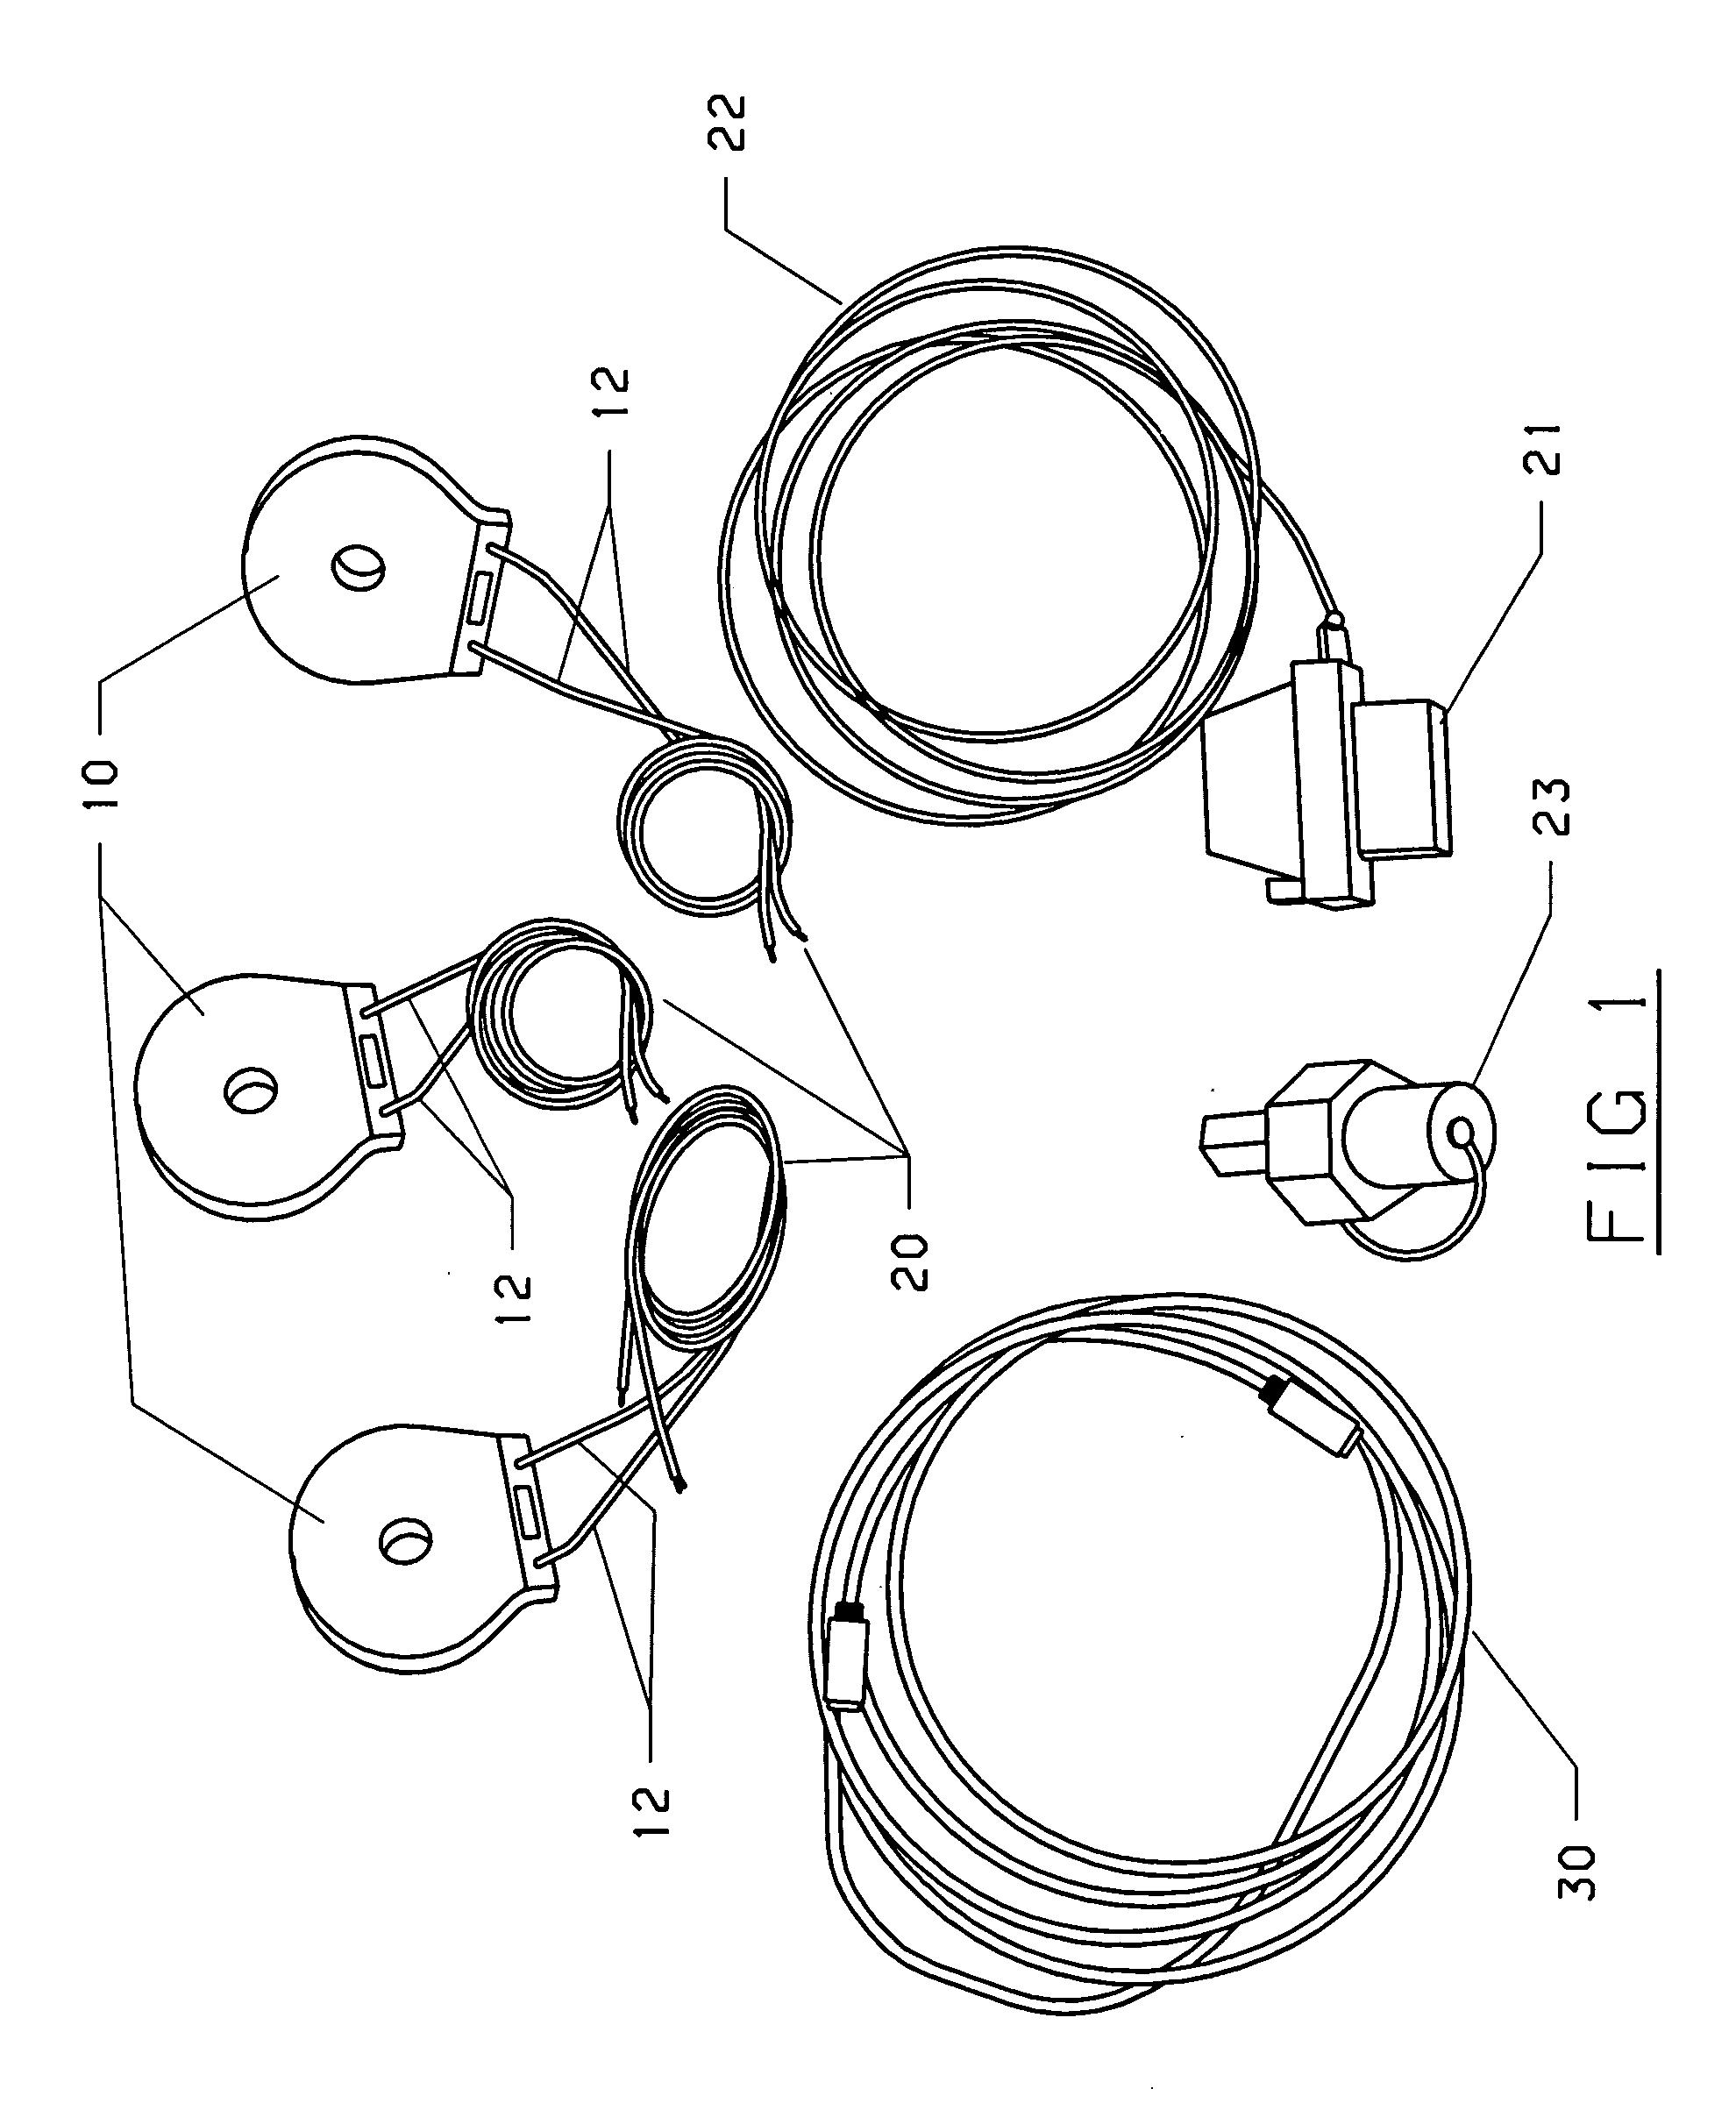 1 5v Motor